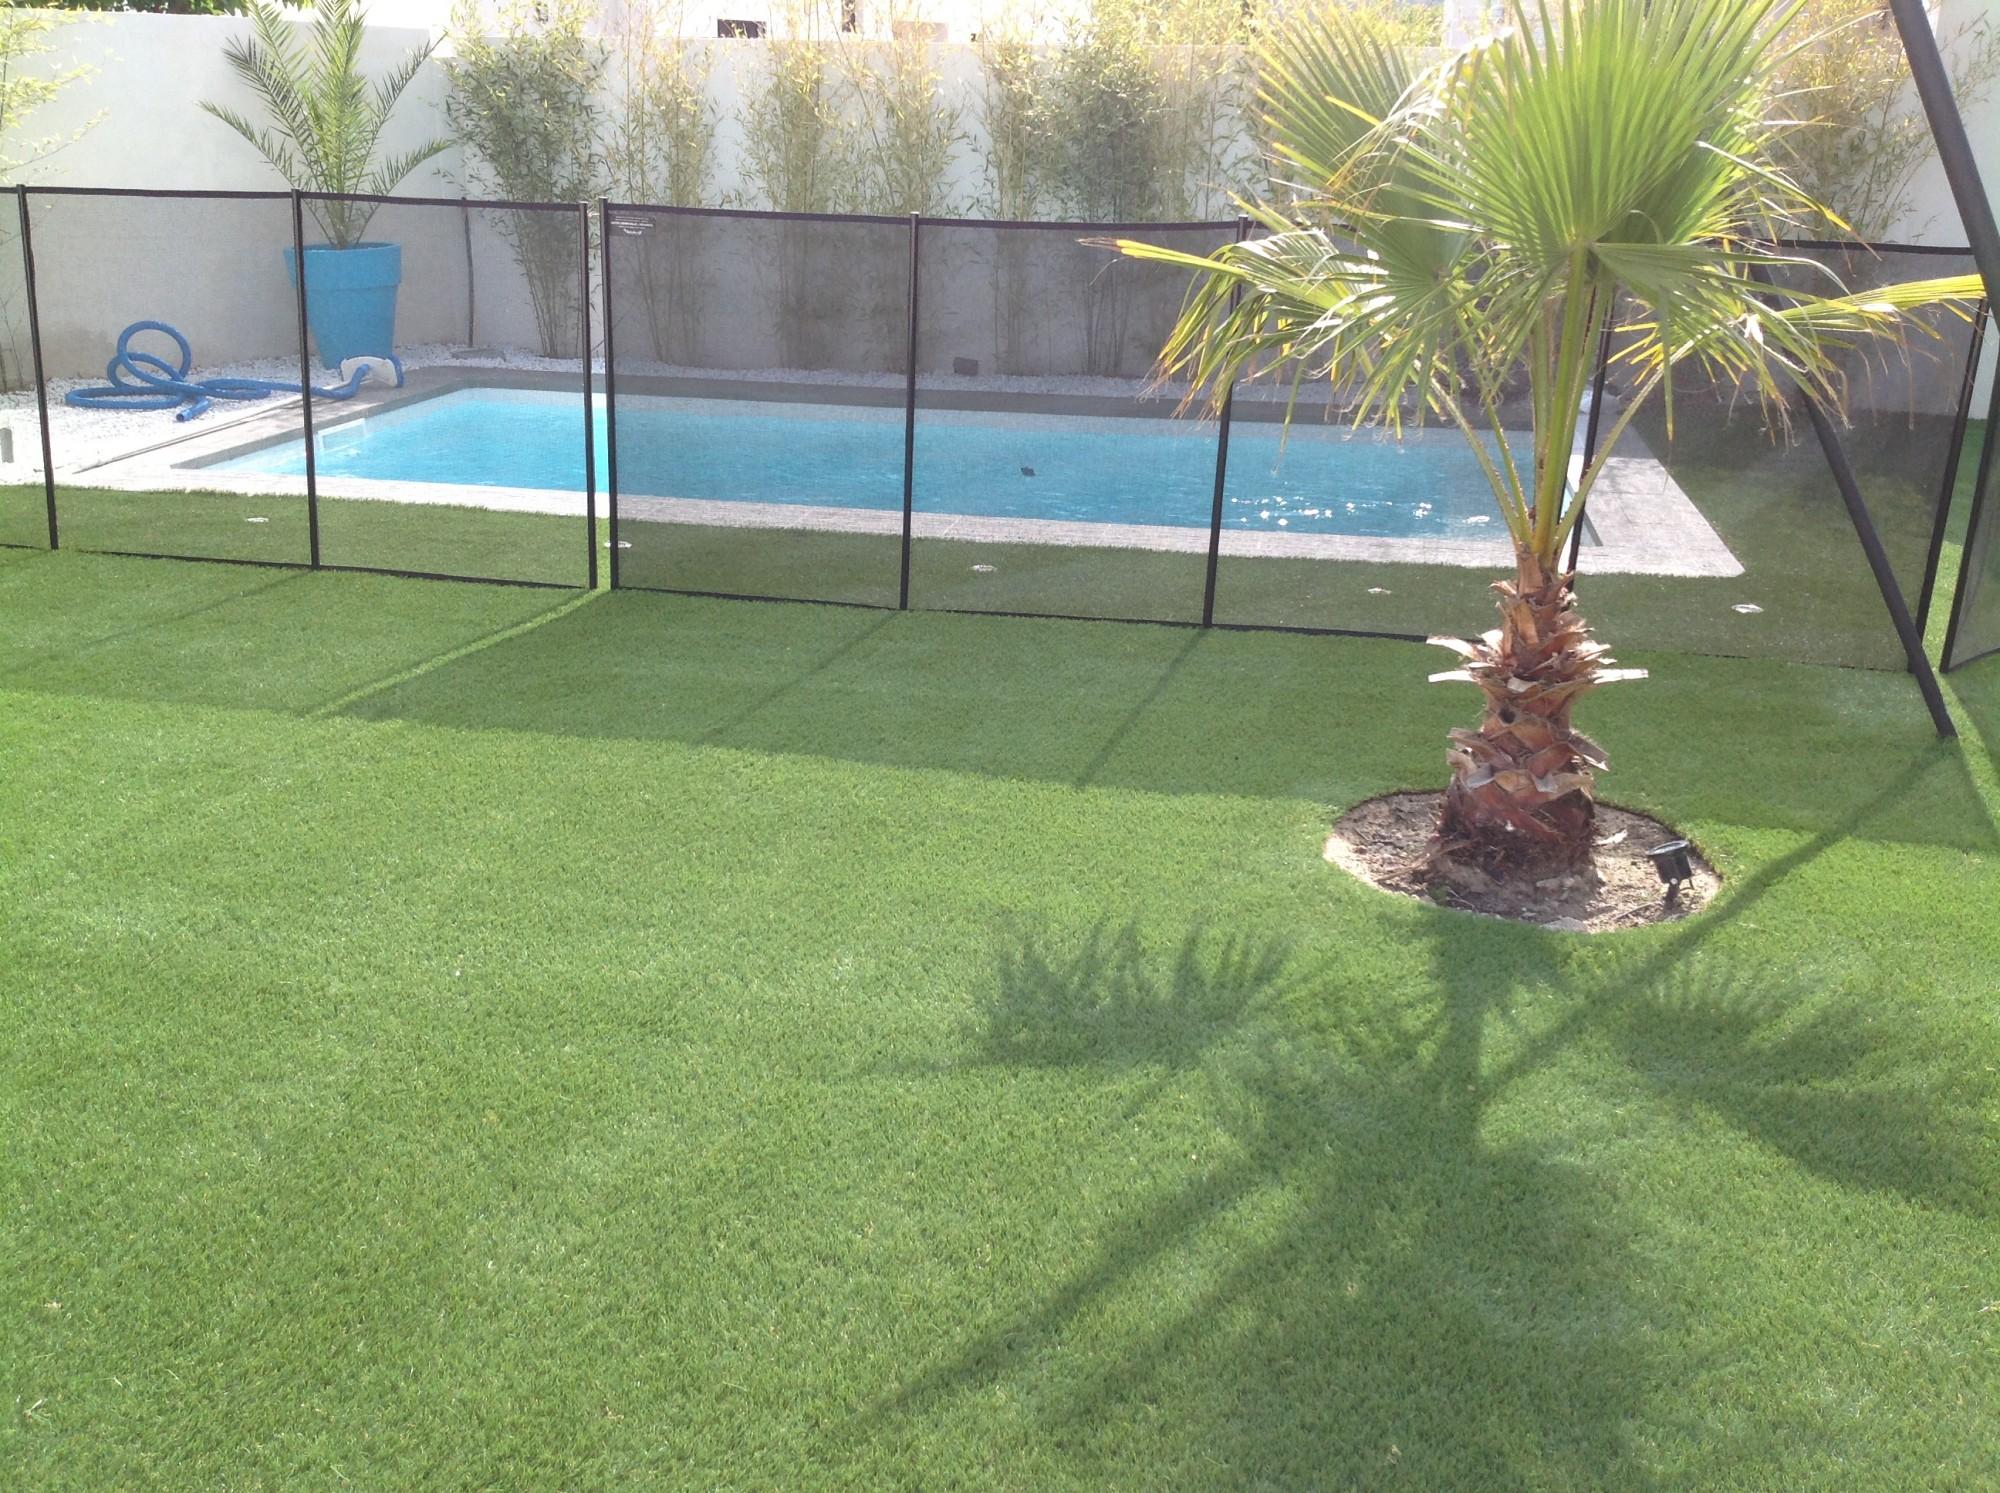 Pose d'une pelouse artificielle à Montpellier près d'une piscine